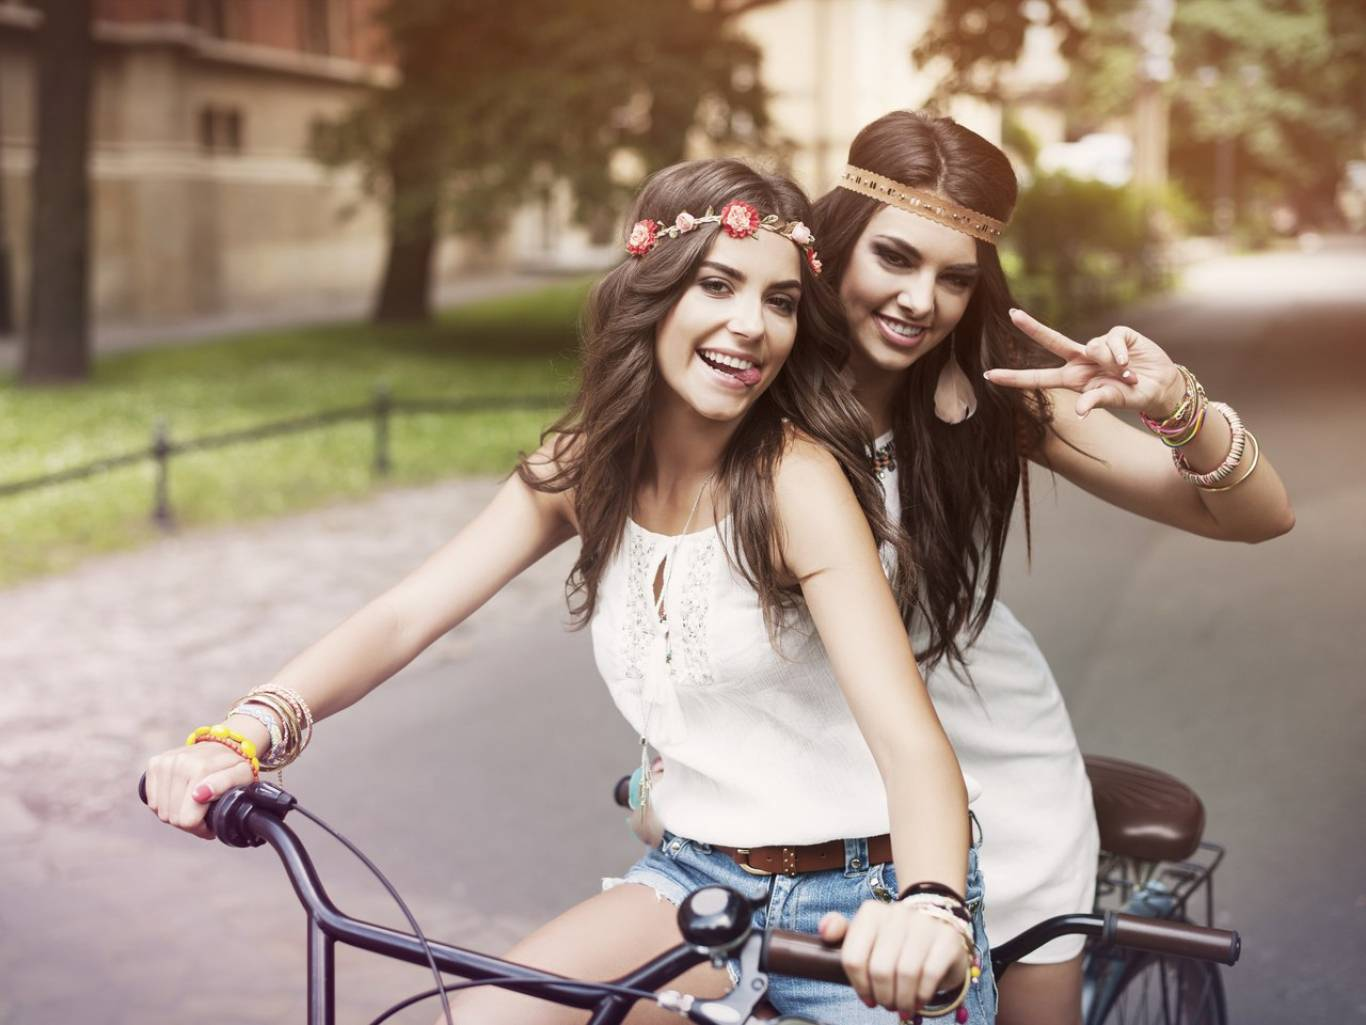 Леді на велосипеді - 3-й Вінницький велопарад